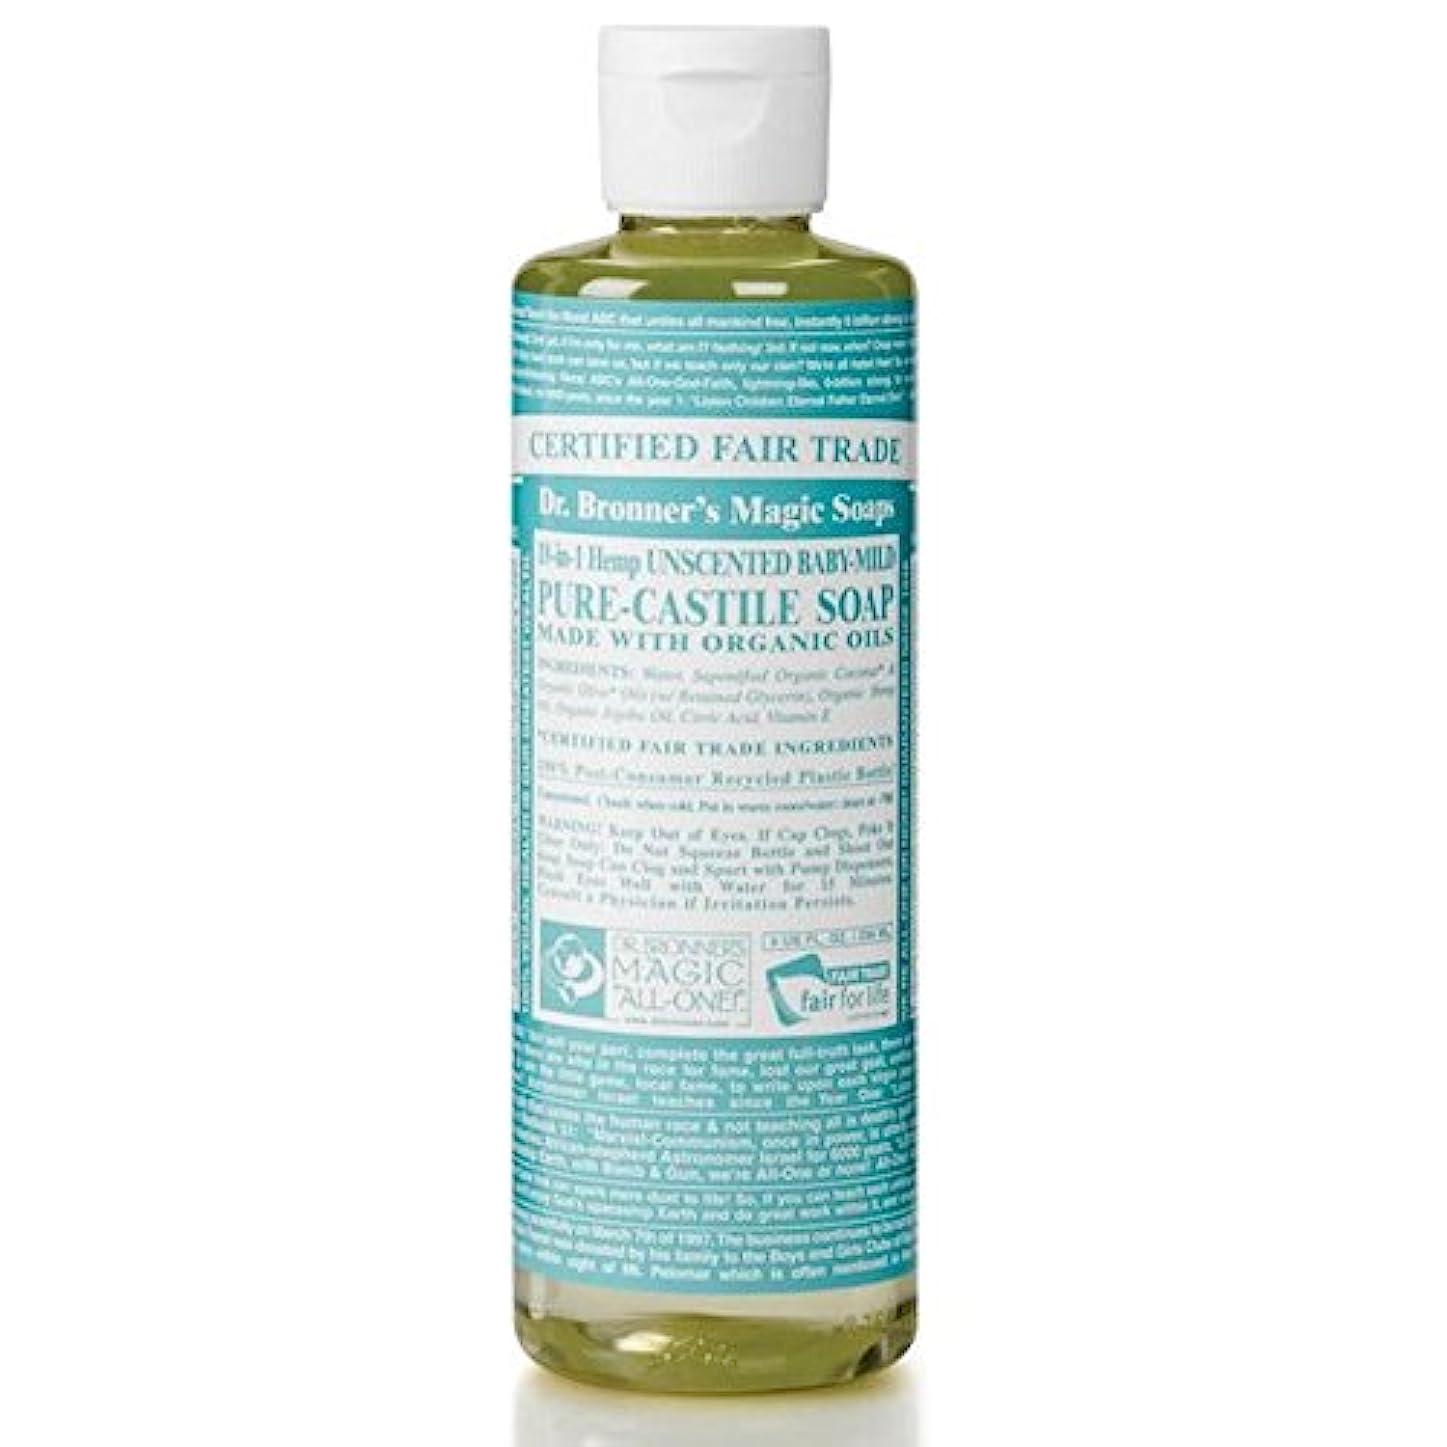 アナログバレル領事館のブロナーオーガニックベビーマイルドなキャスト液体石鹸237ミリリットル x4 - Dr Bronner Organic Baby Mild Cast Liquid Soap 237ml (Pack of 4) [並行輸入品]